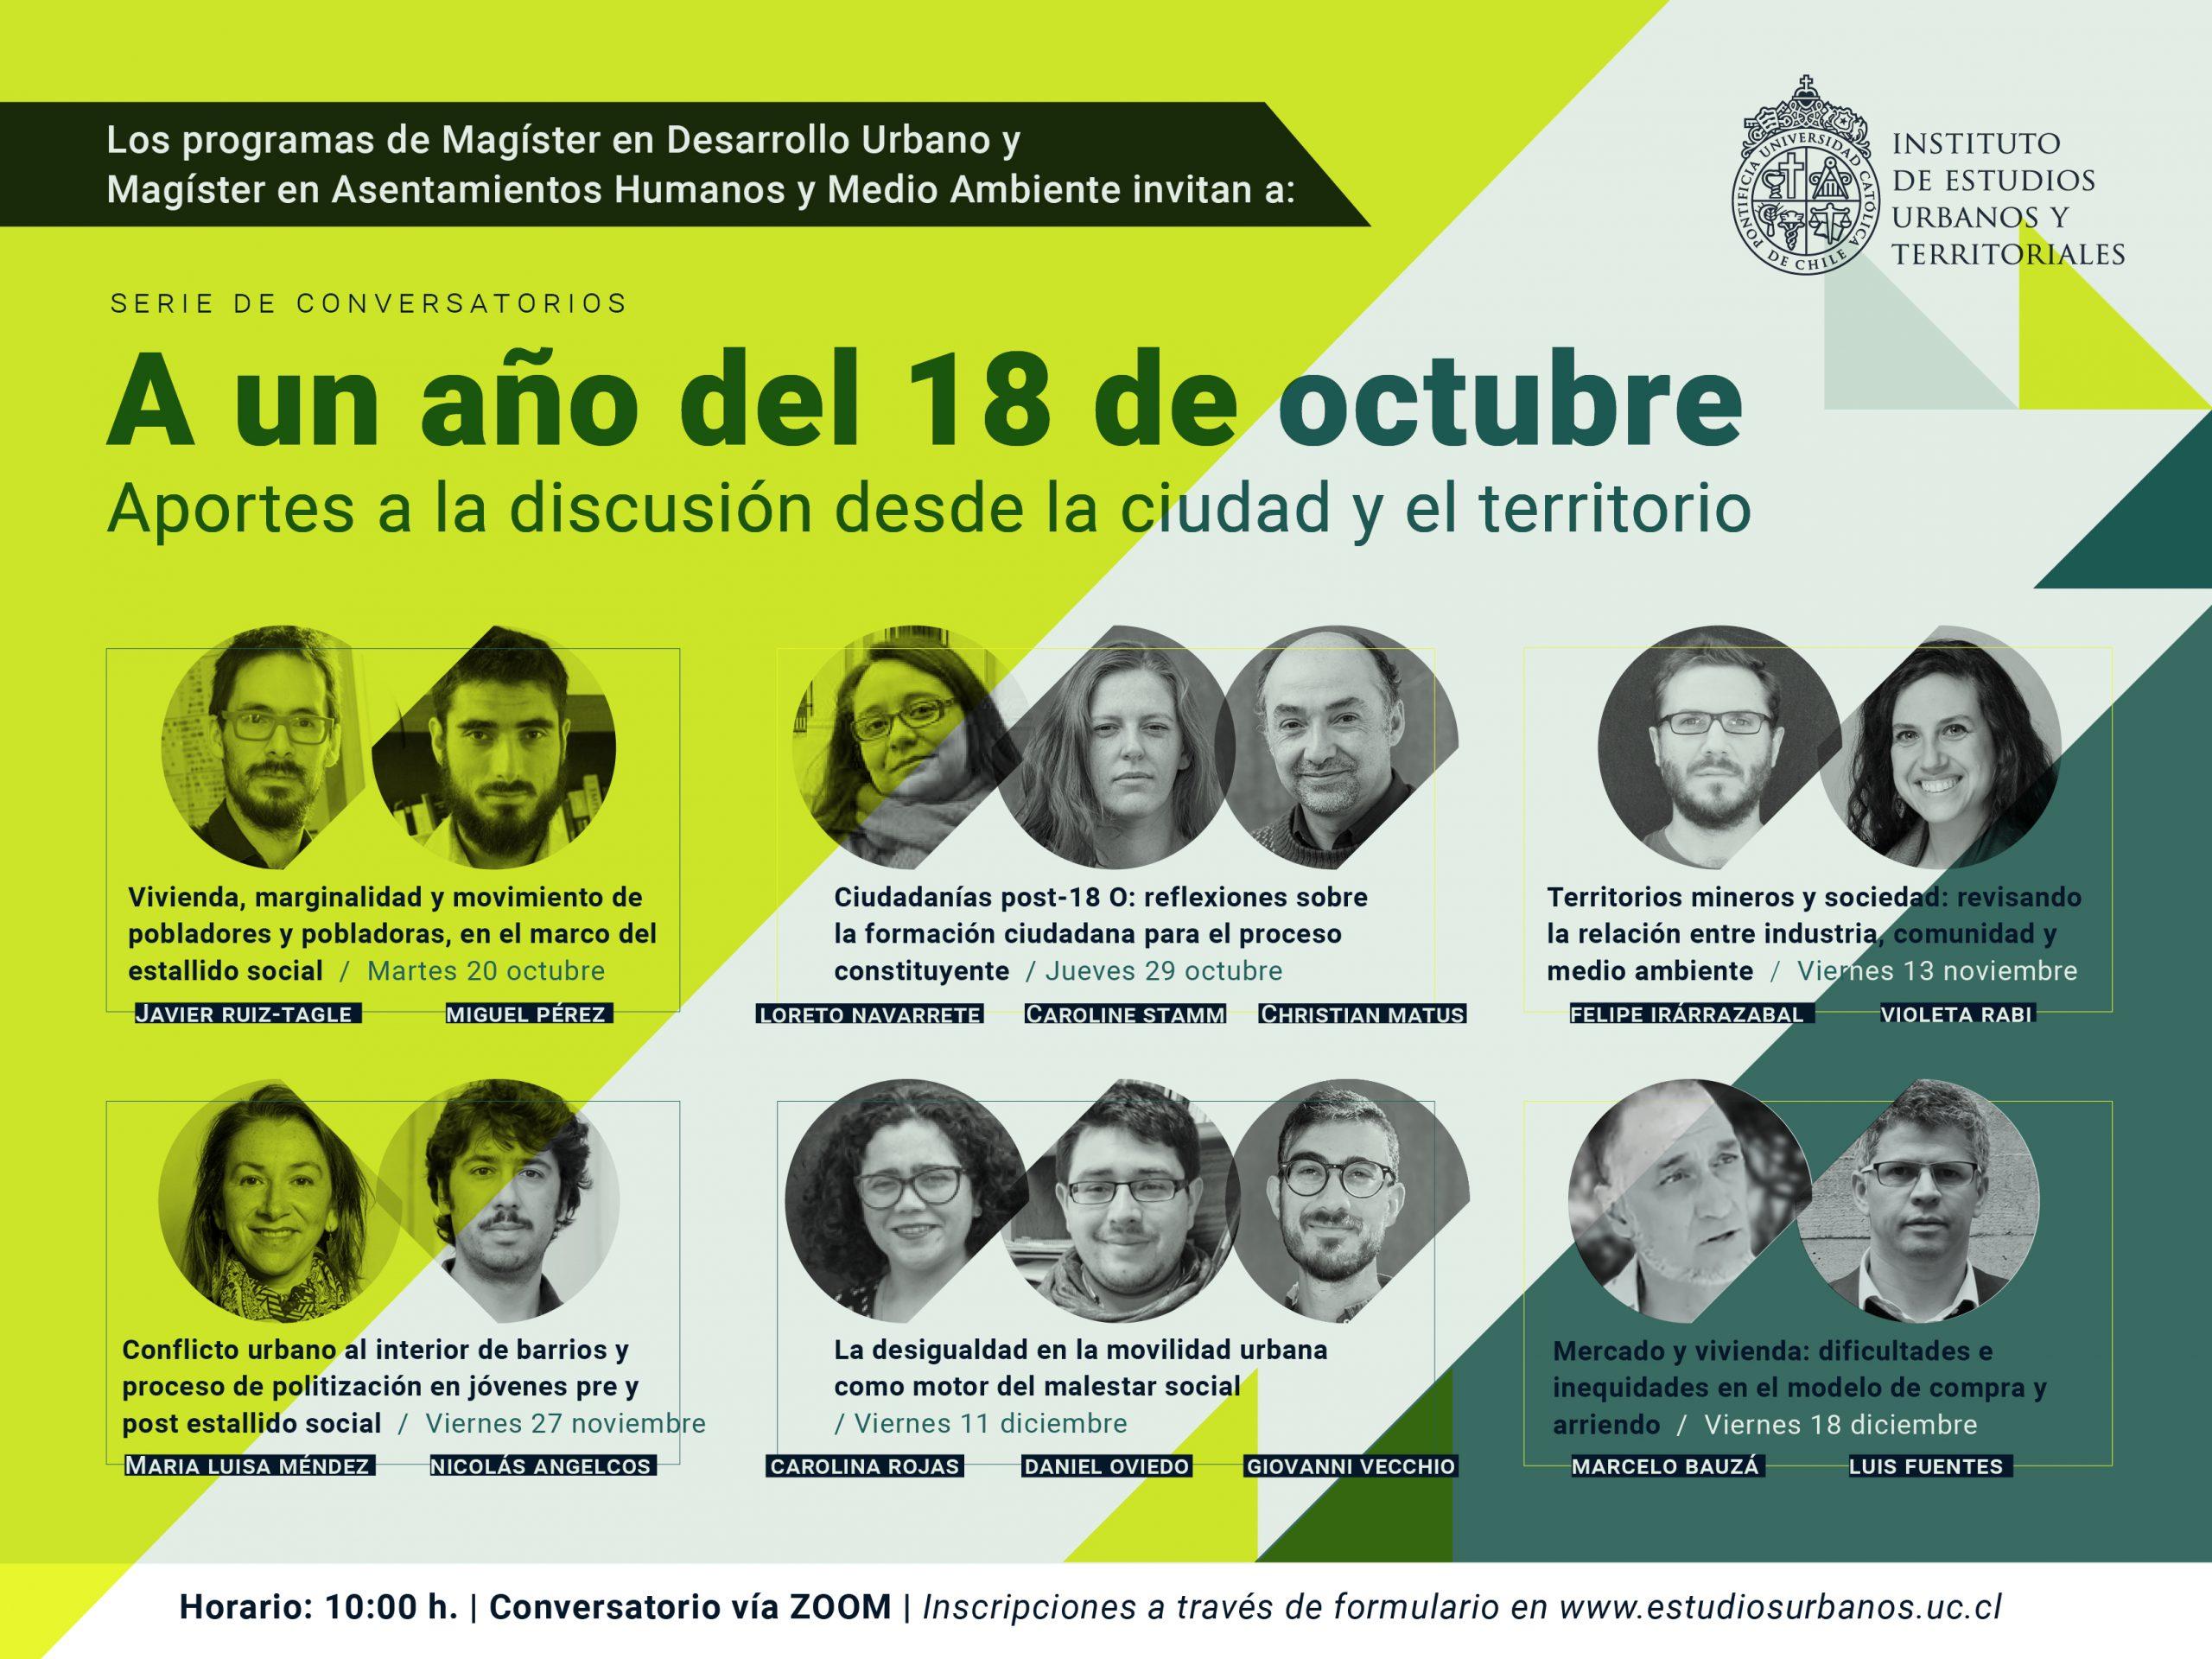 <strong>Serie de conversatorios | A un año del 18 de octubre: Aportes a la discusión desde la ciudad y el territorio</strong>